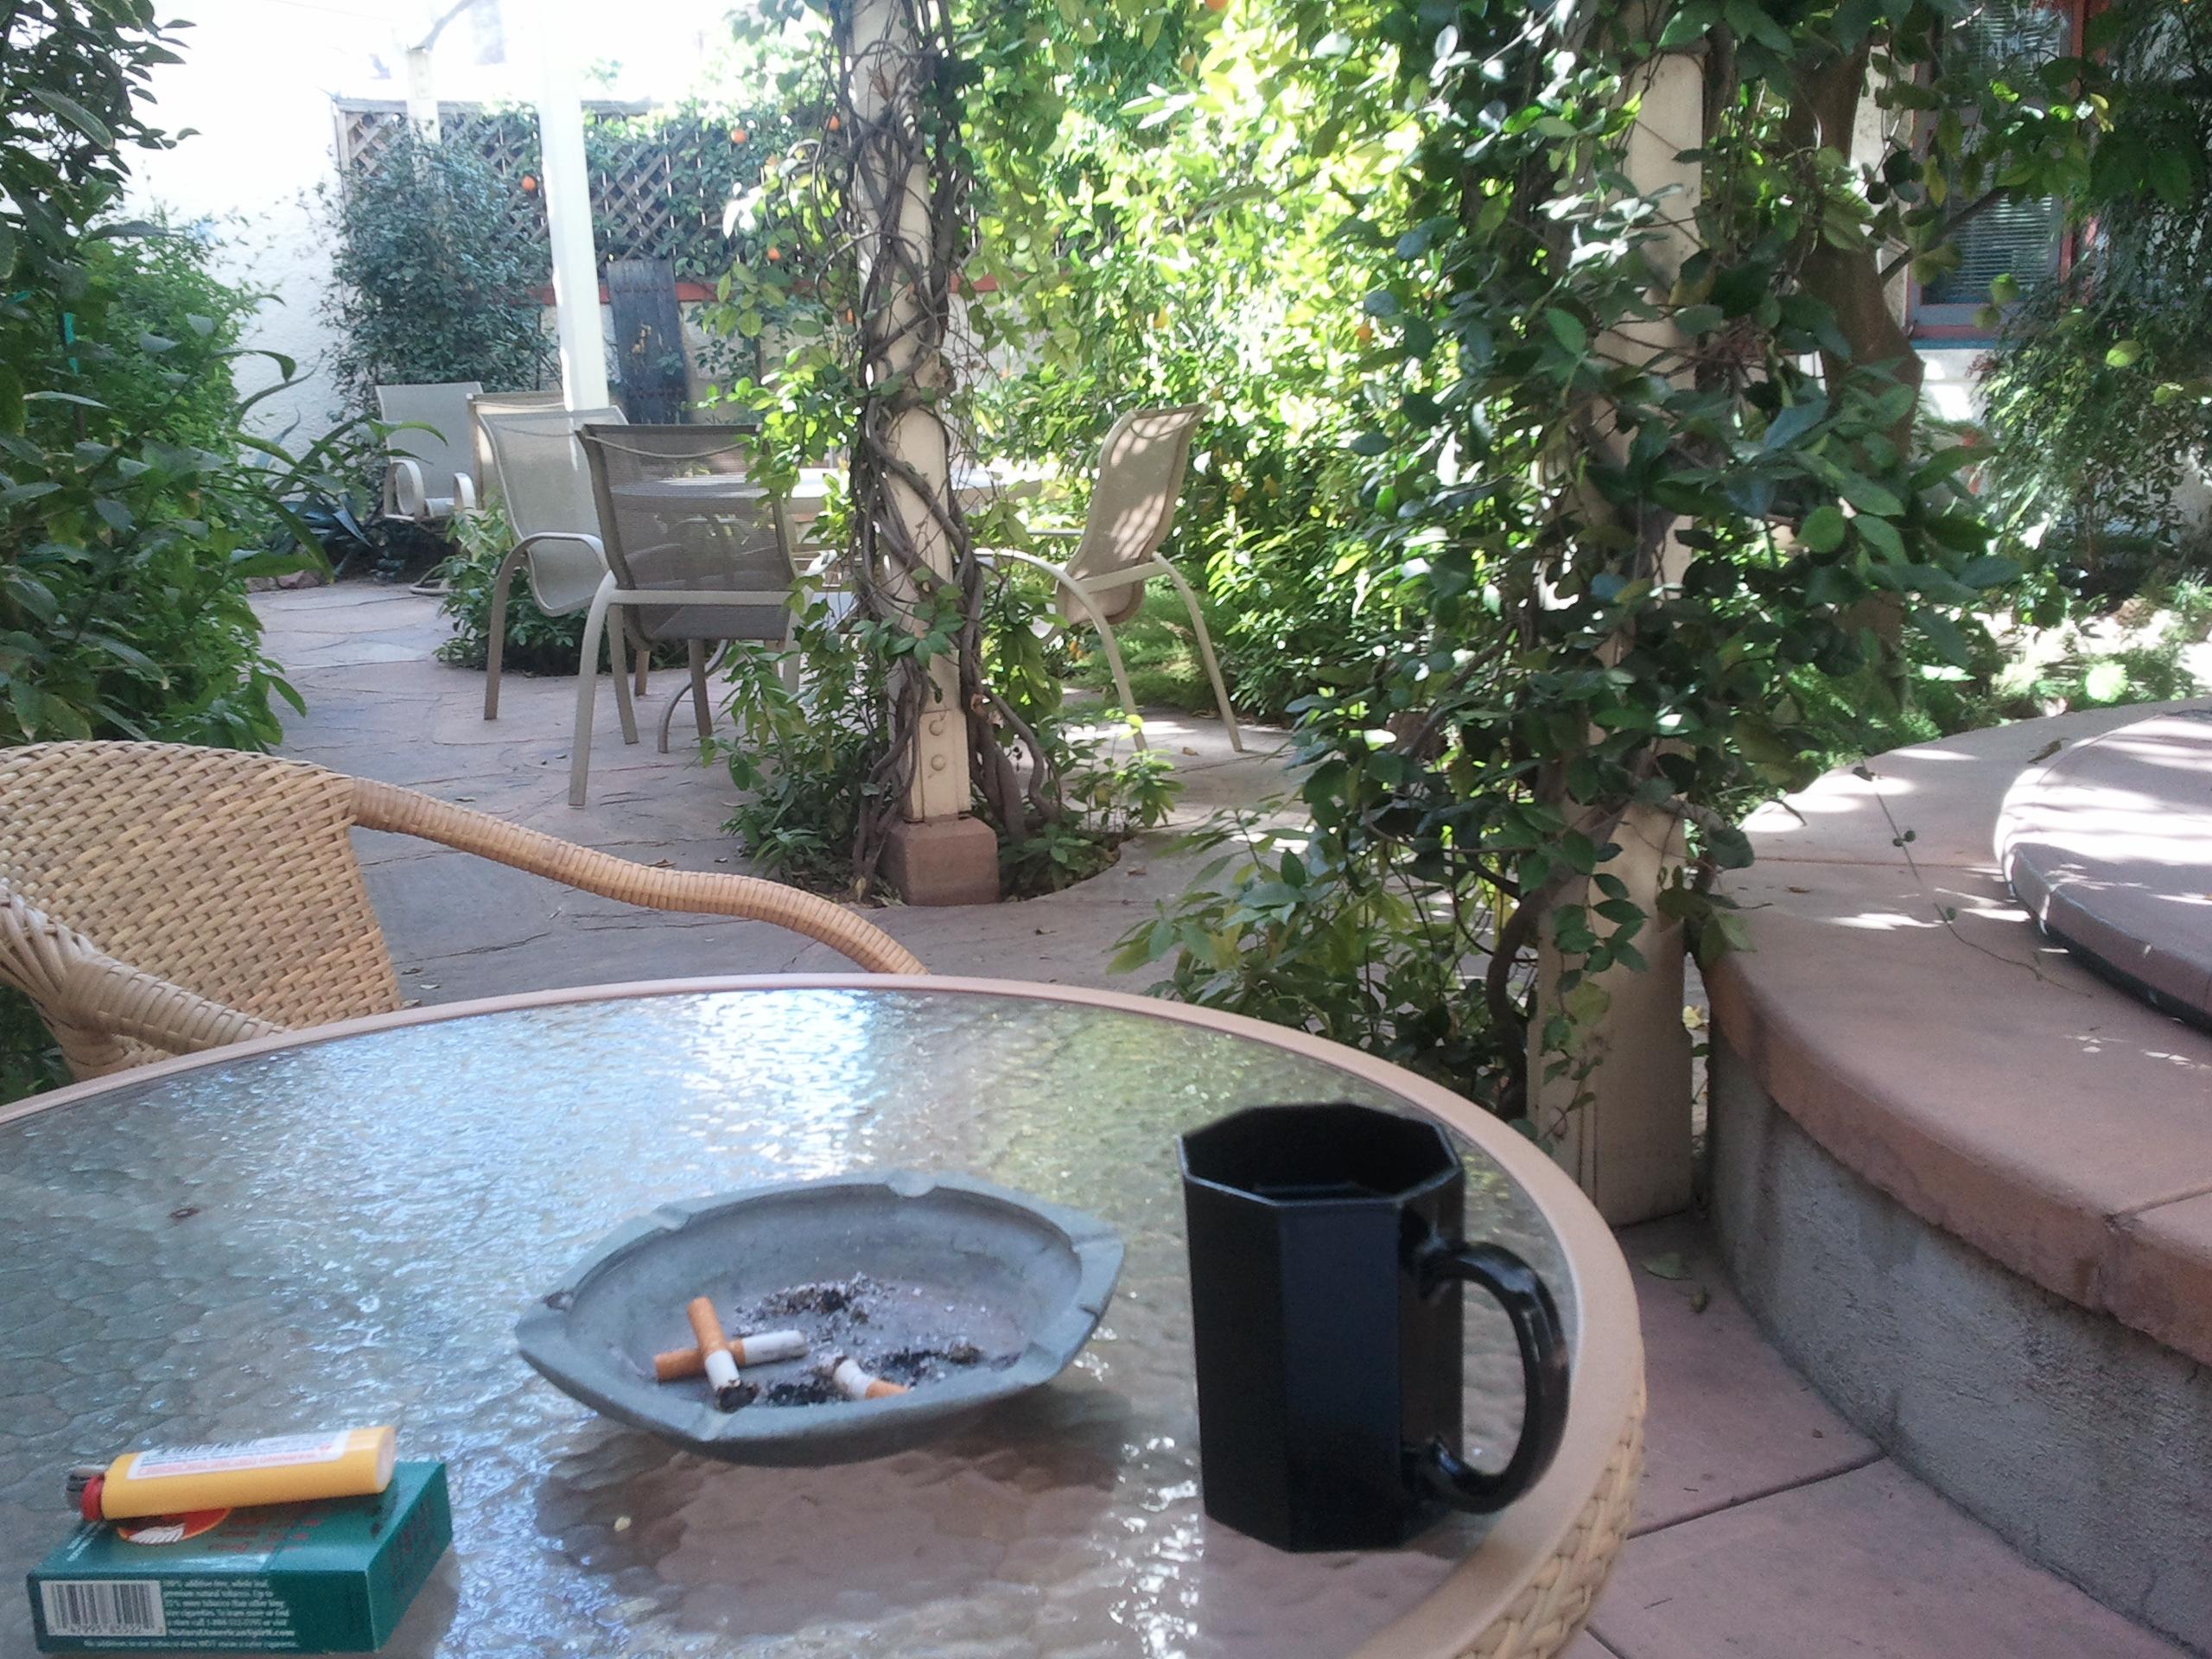 Downtown Tucson oasis